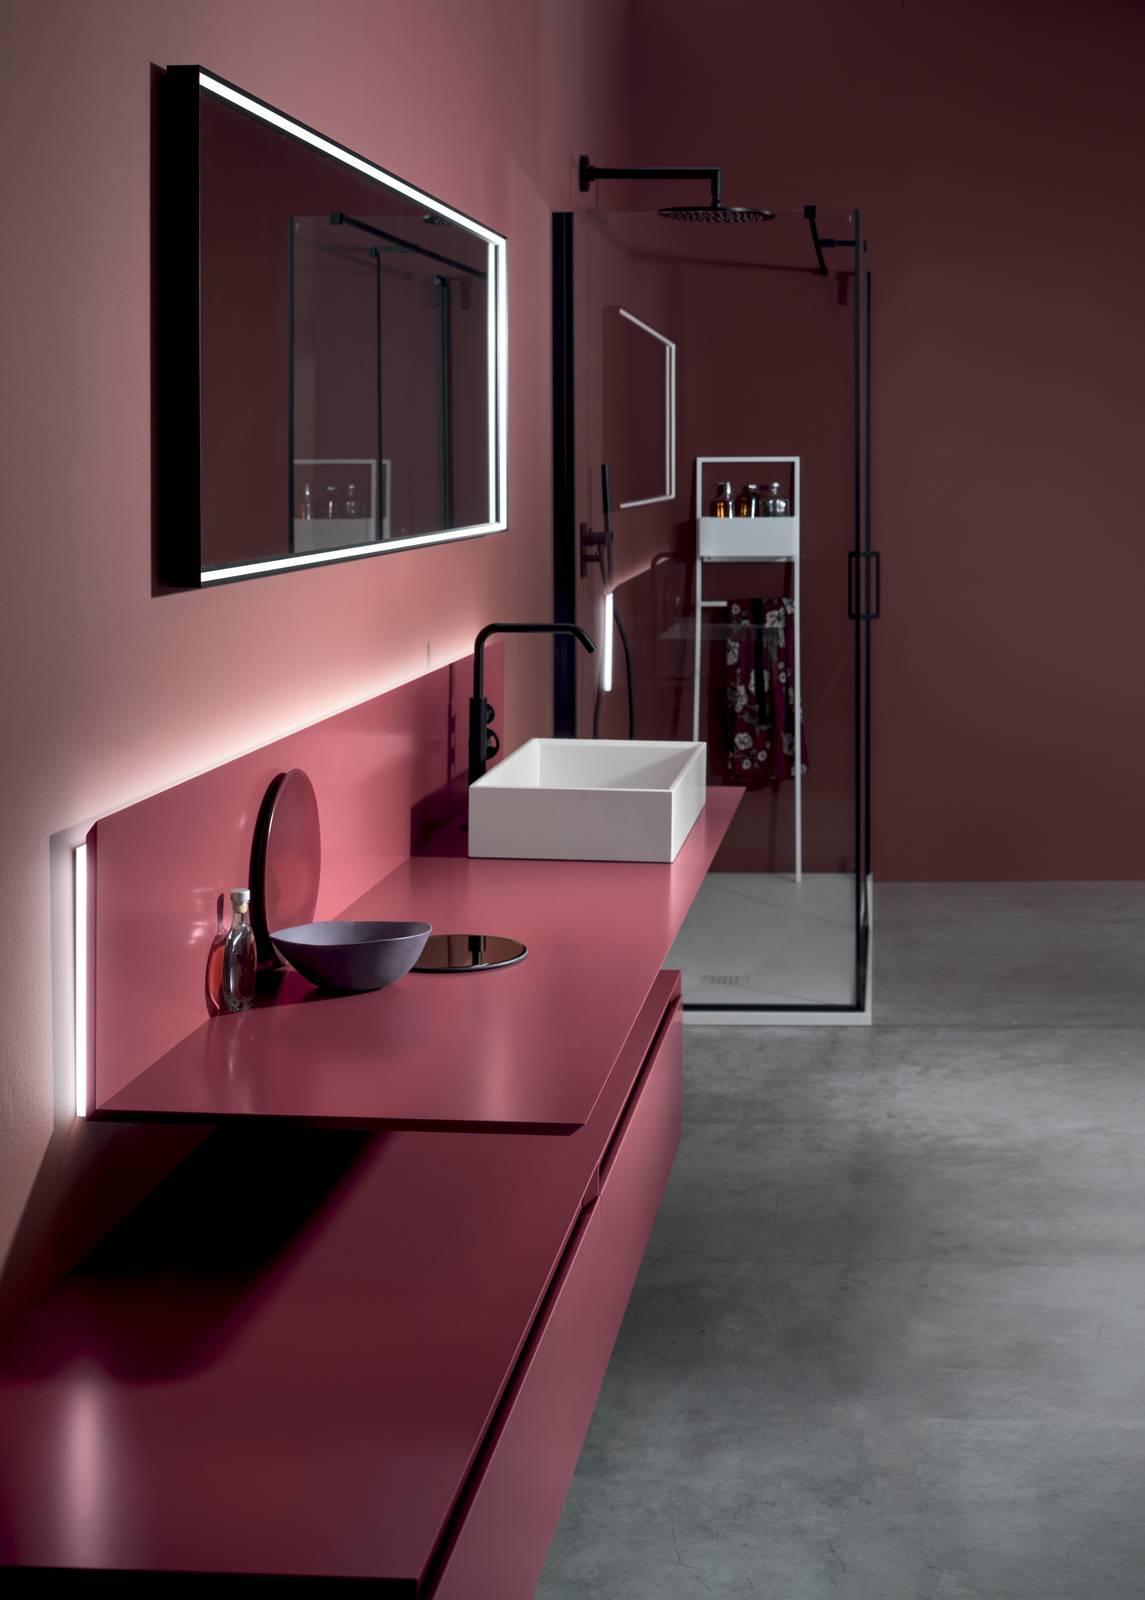 Mobili sospesi per il bagno moov il nuovo concetto di - Mobili sospesi per bagno ...